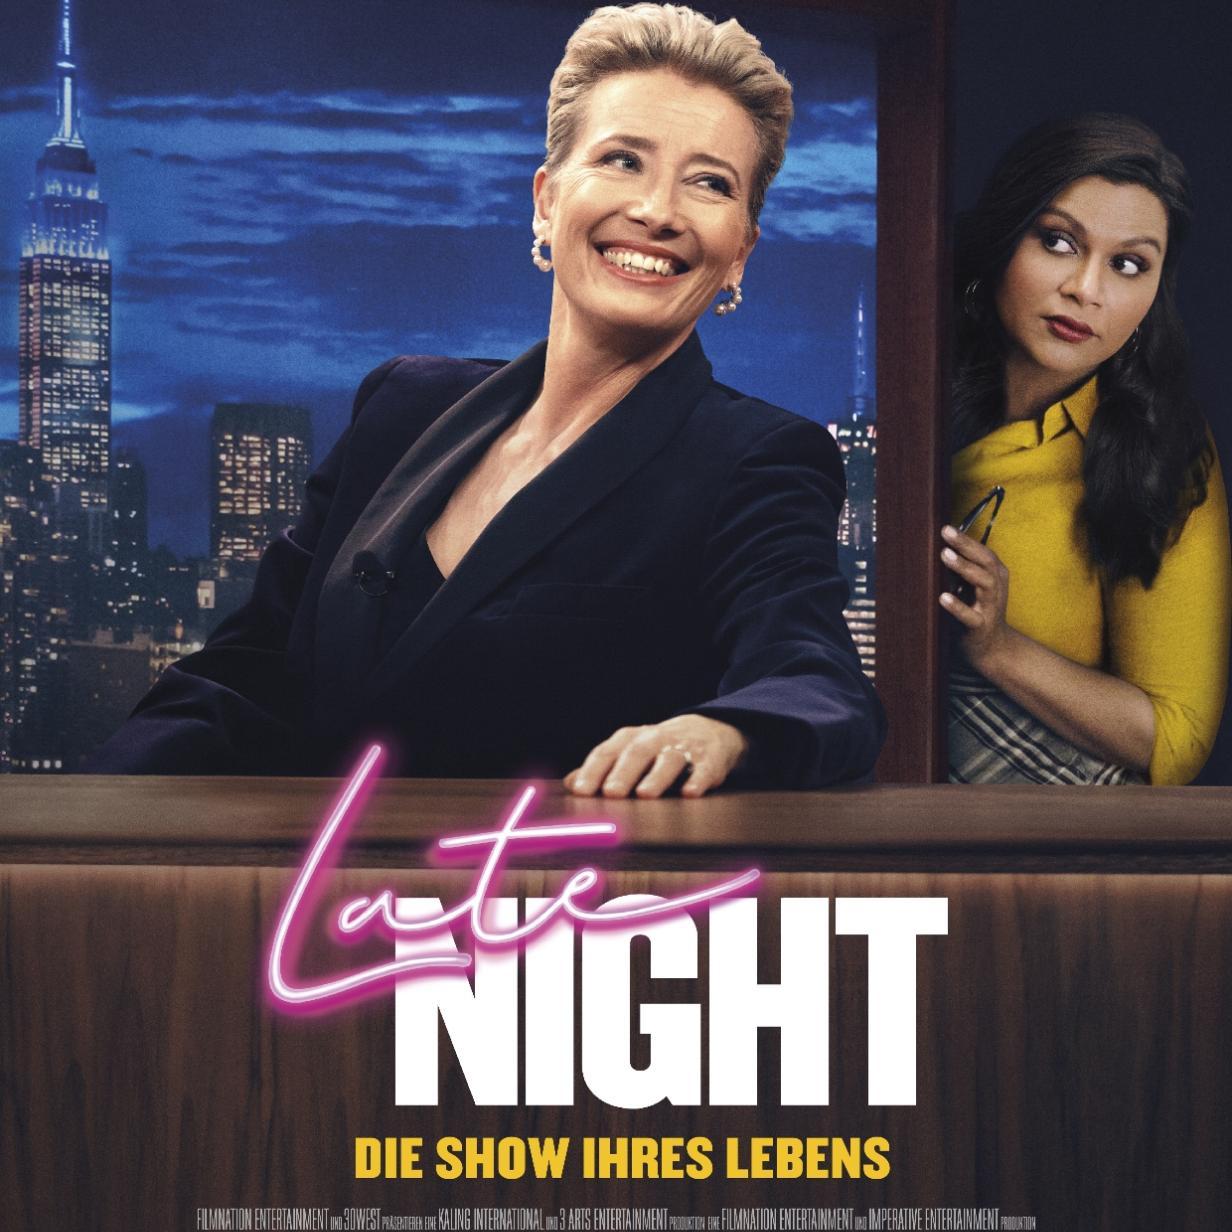 Late Night – Die Show ihres Lebens